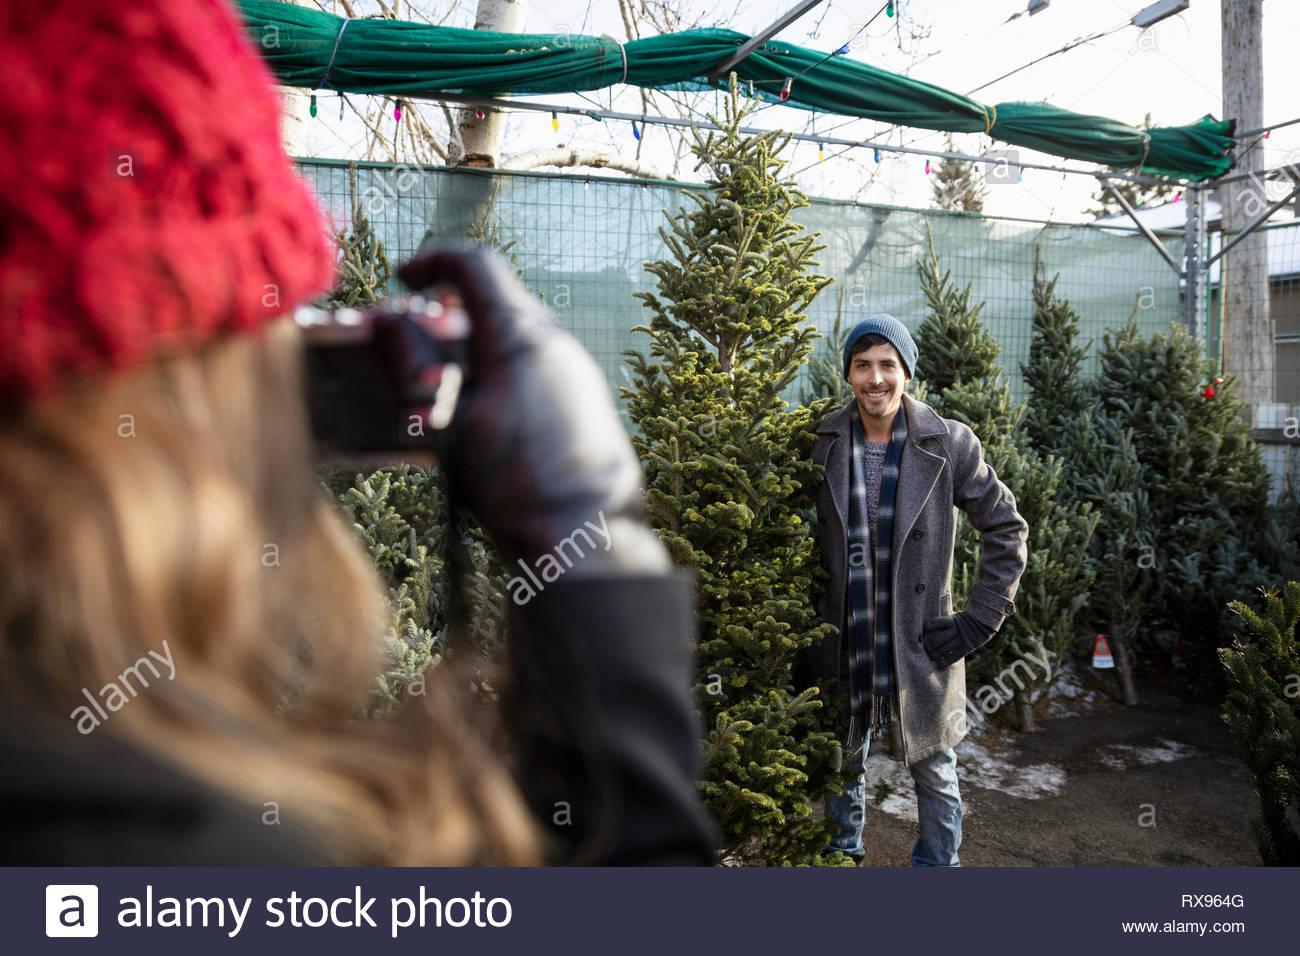 Femme avec caméra photographiant copain holding arbre de Noël Marché de Noël Photo Stock